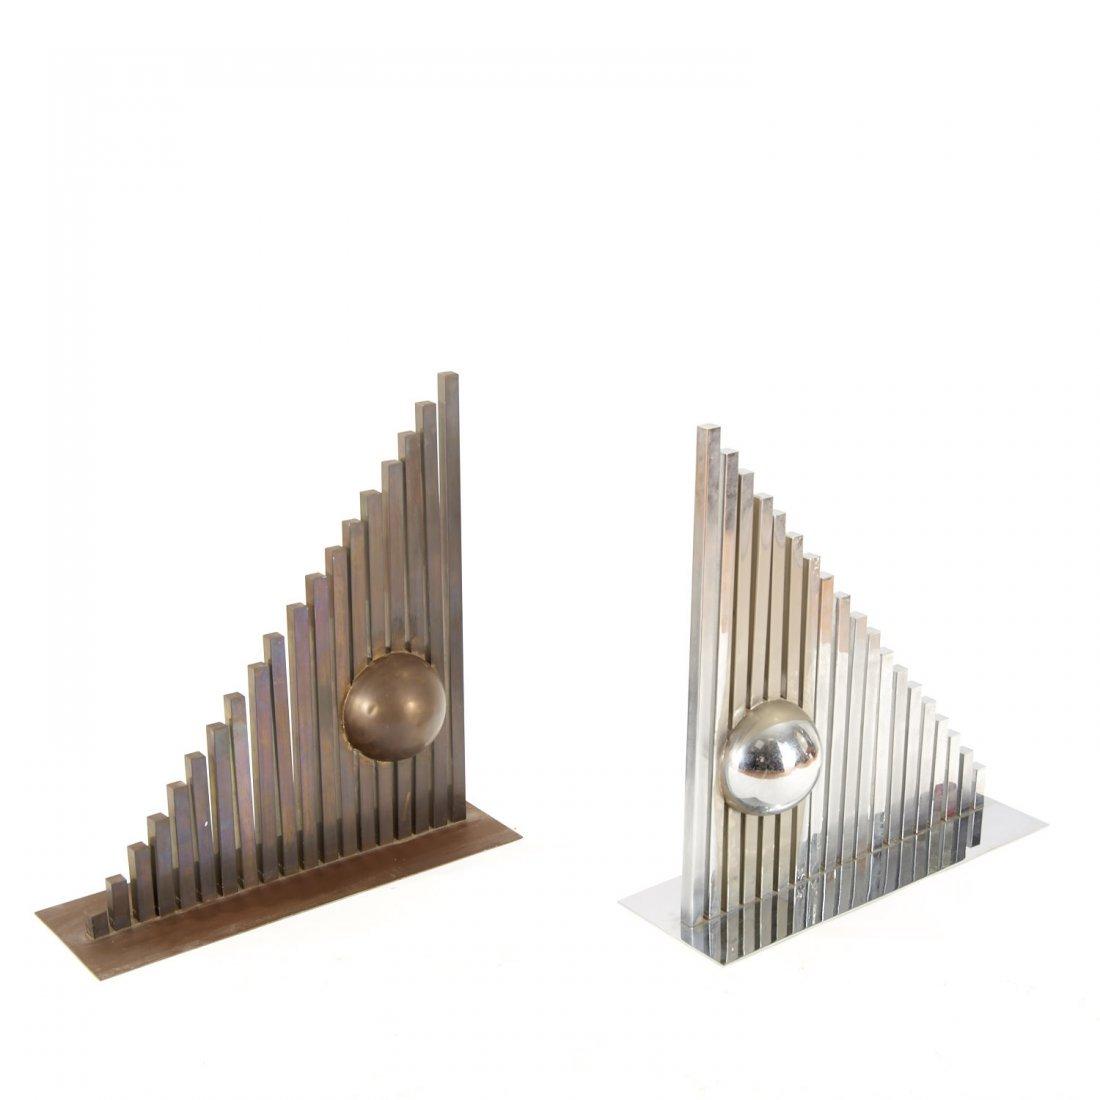 Itzhak Shmueli, pair sculptures - 2